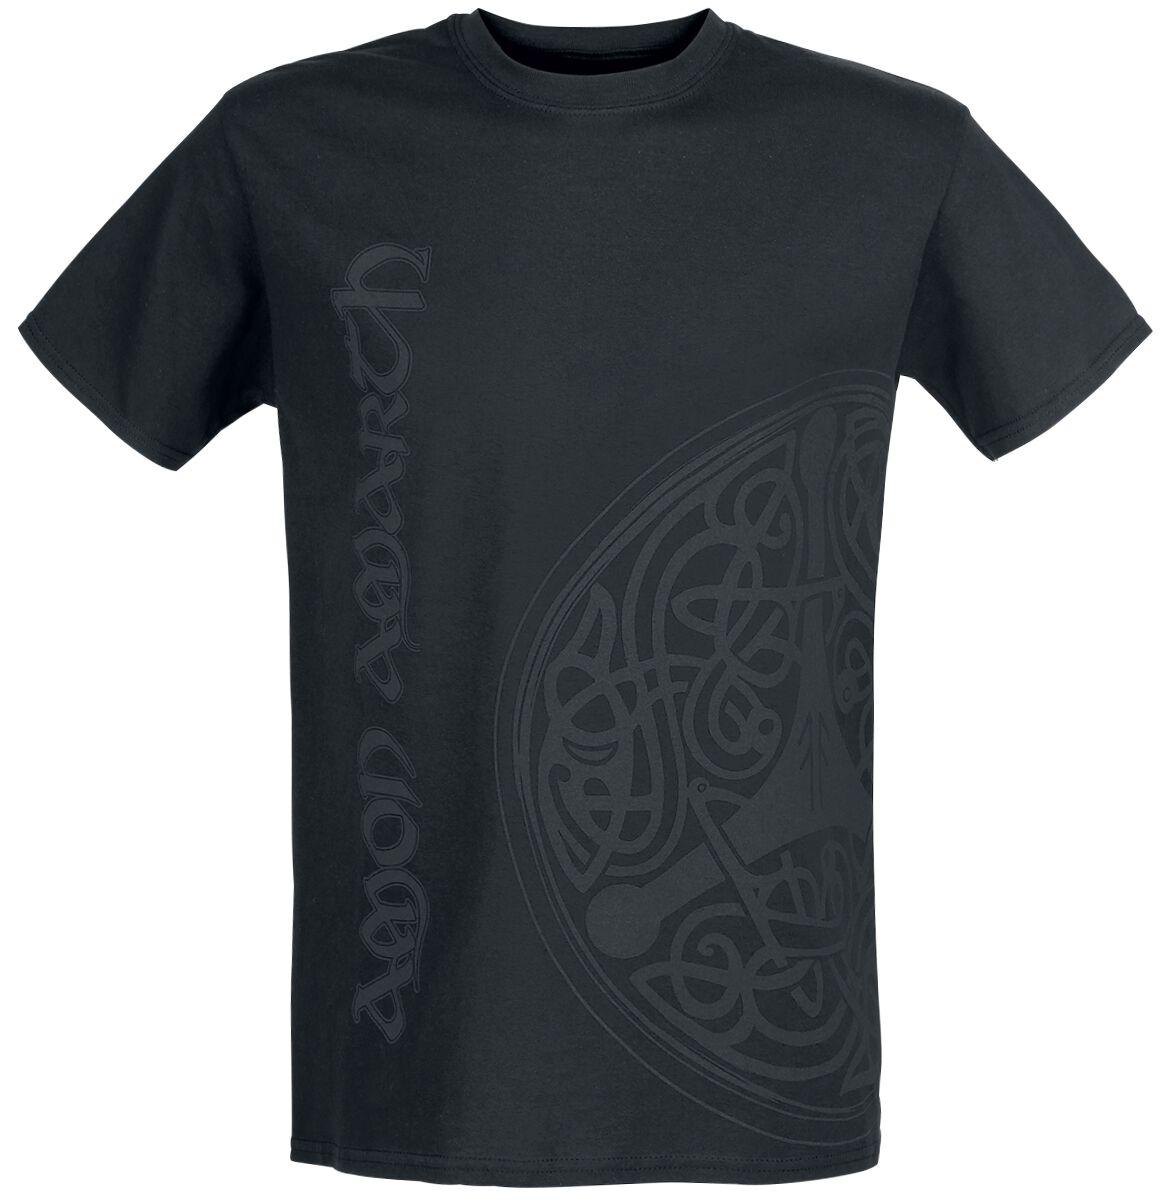 Image of Amon Amarth Battle Ship T-Shirt schwarz